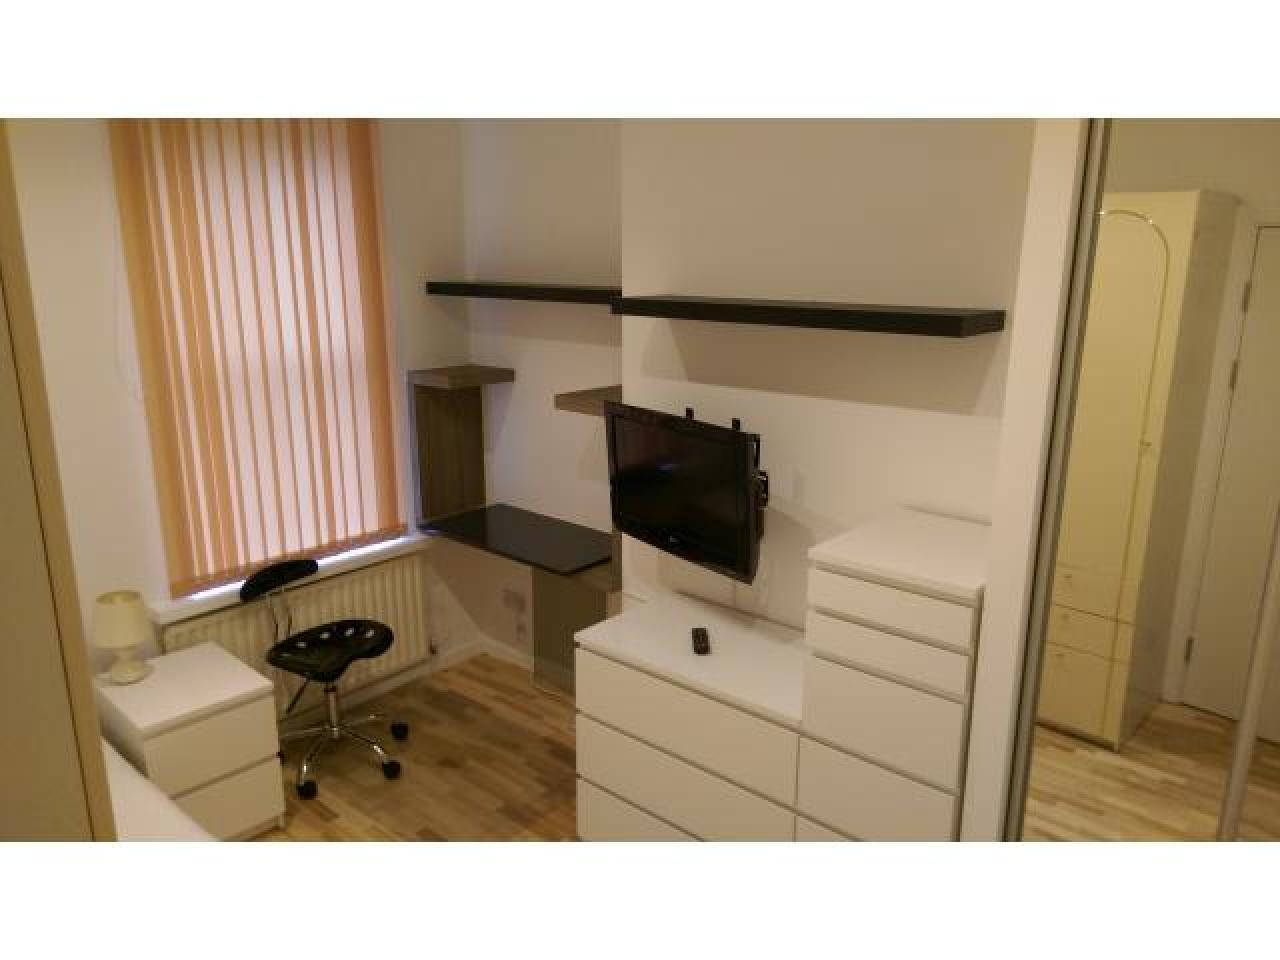 Double room в тихом доме нa Stratford £138 p/w - 2